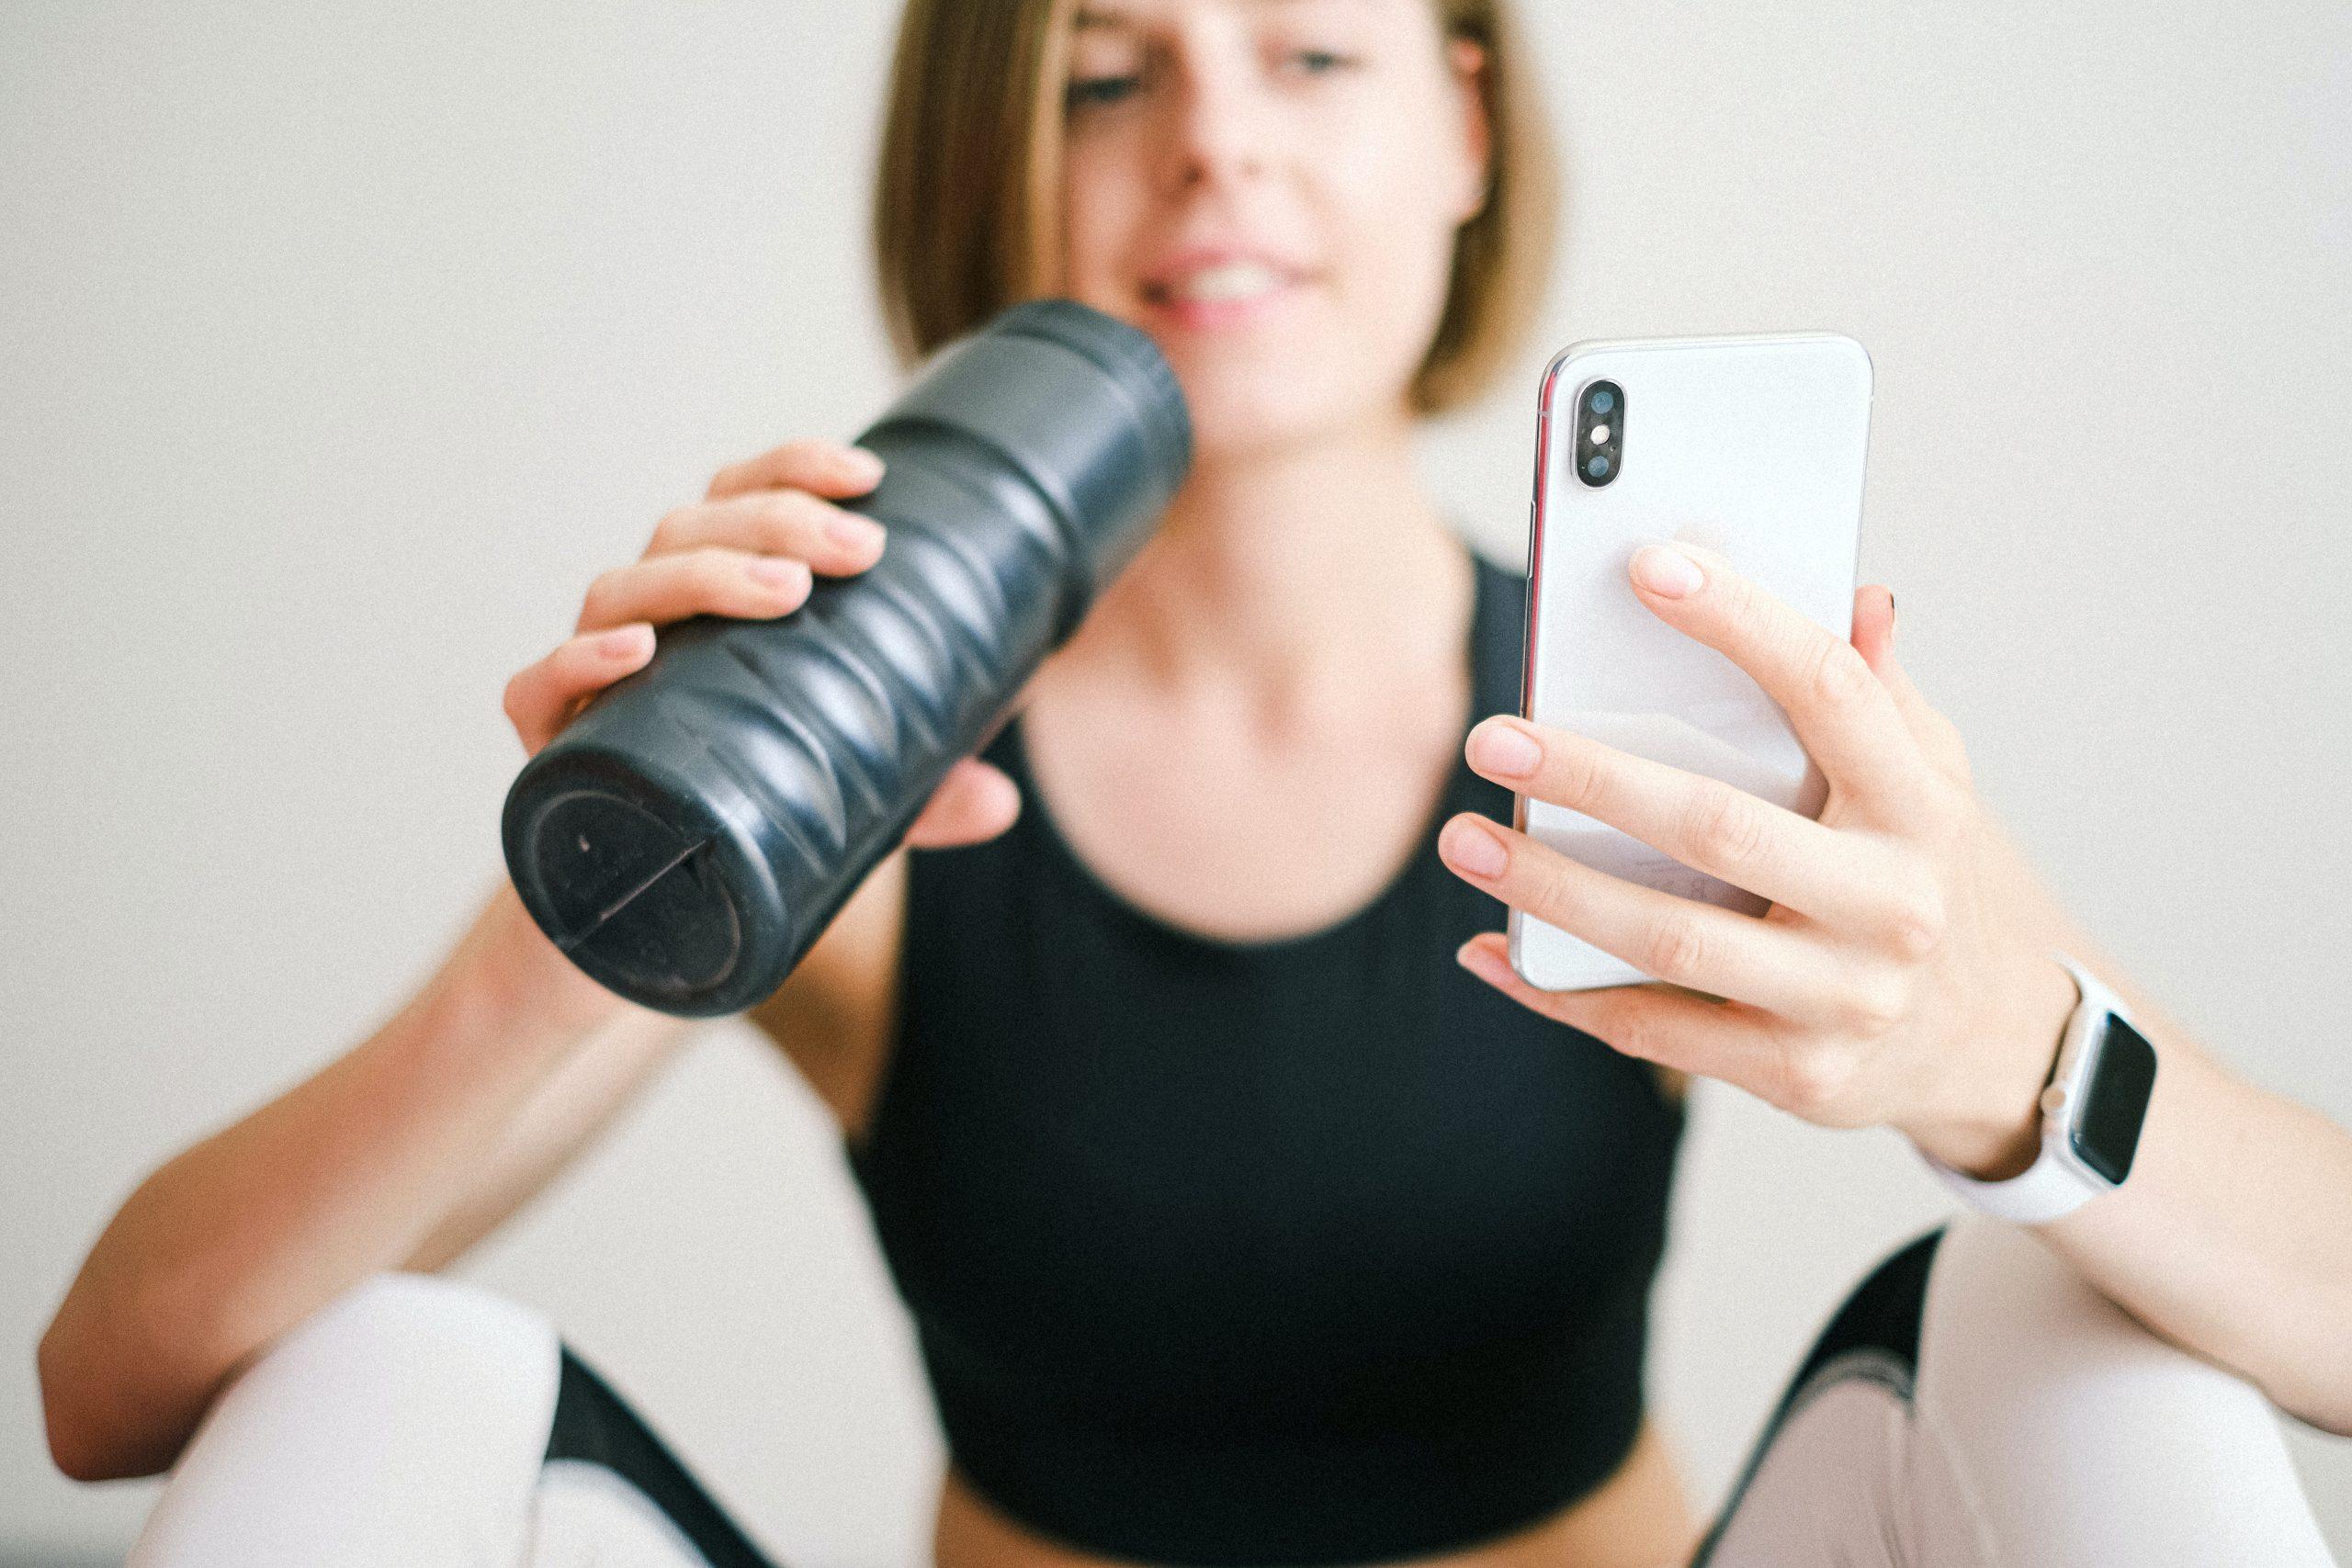 Imagem de uma mulher usando um smartwatch.